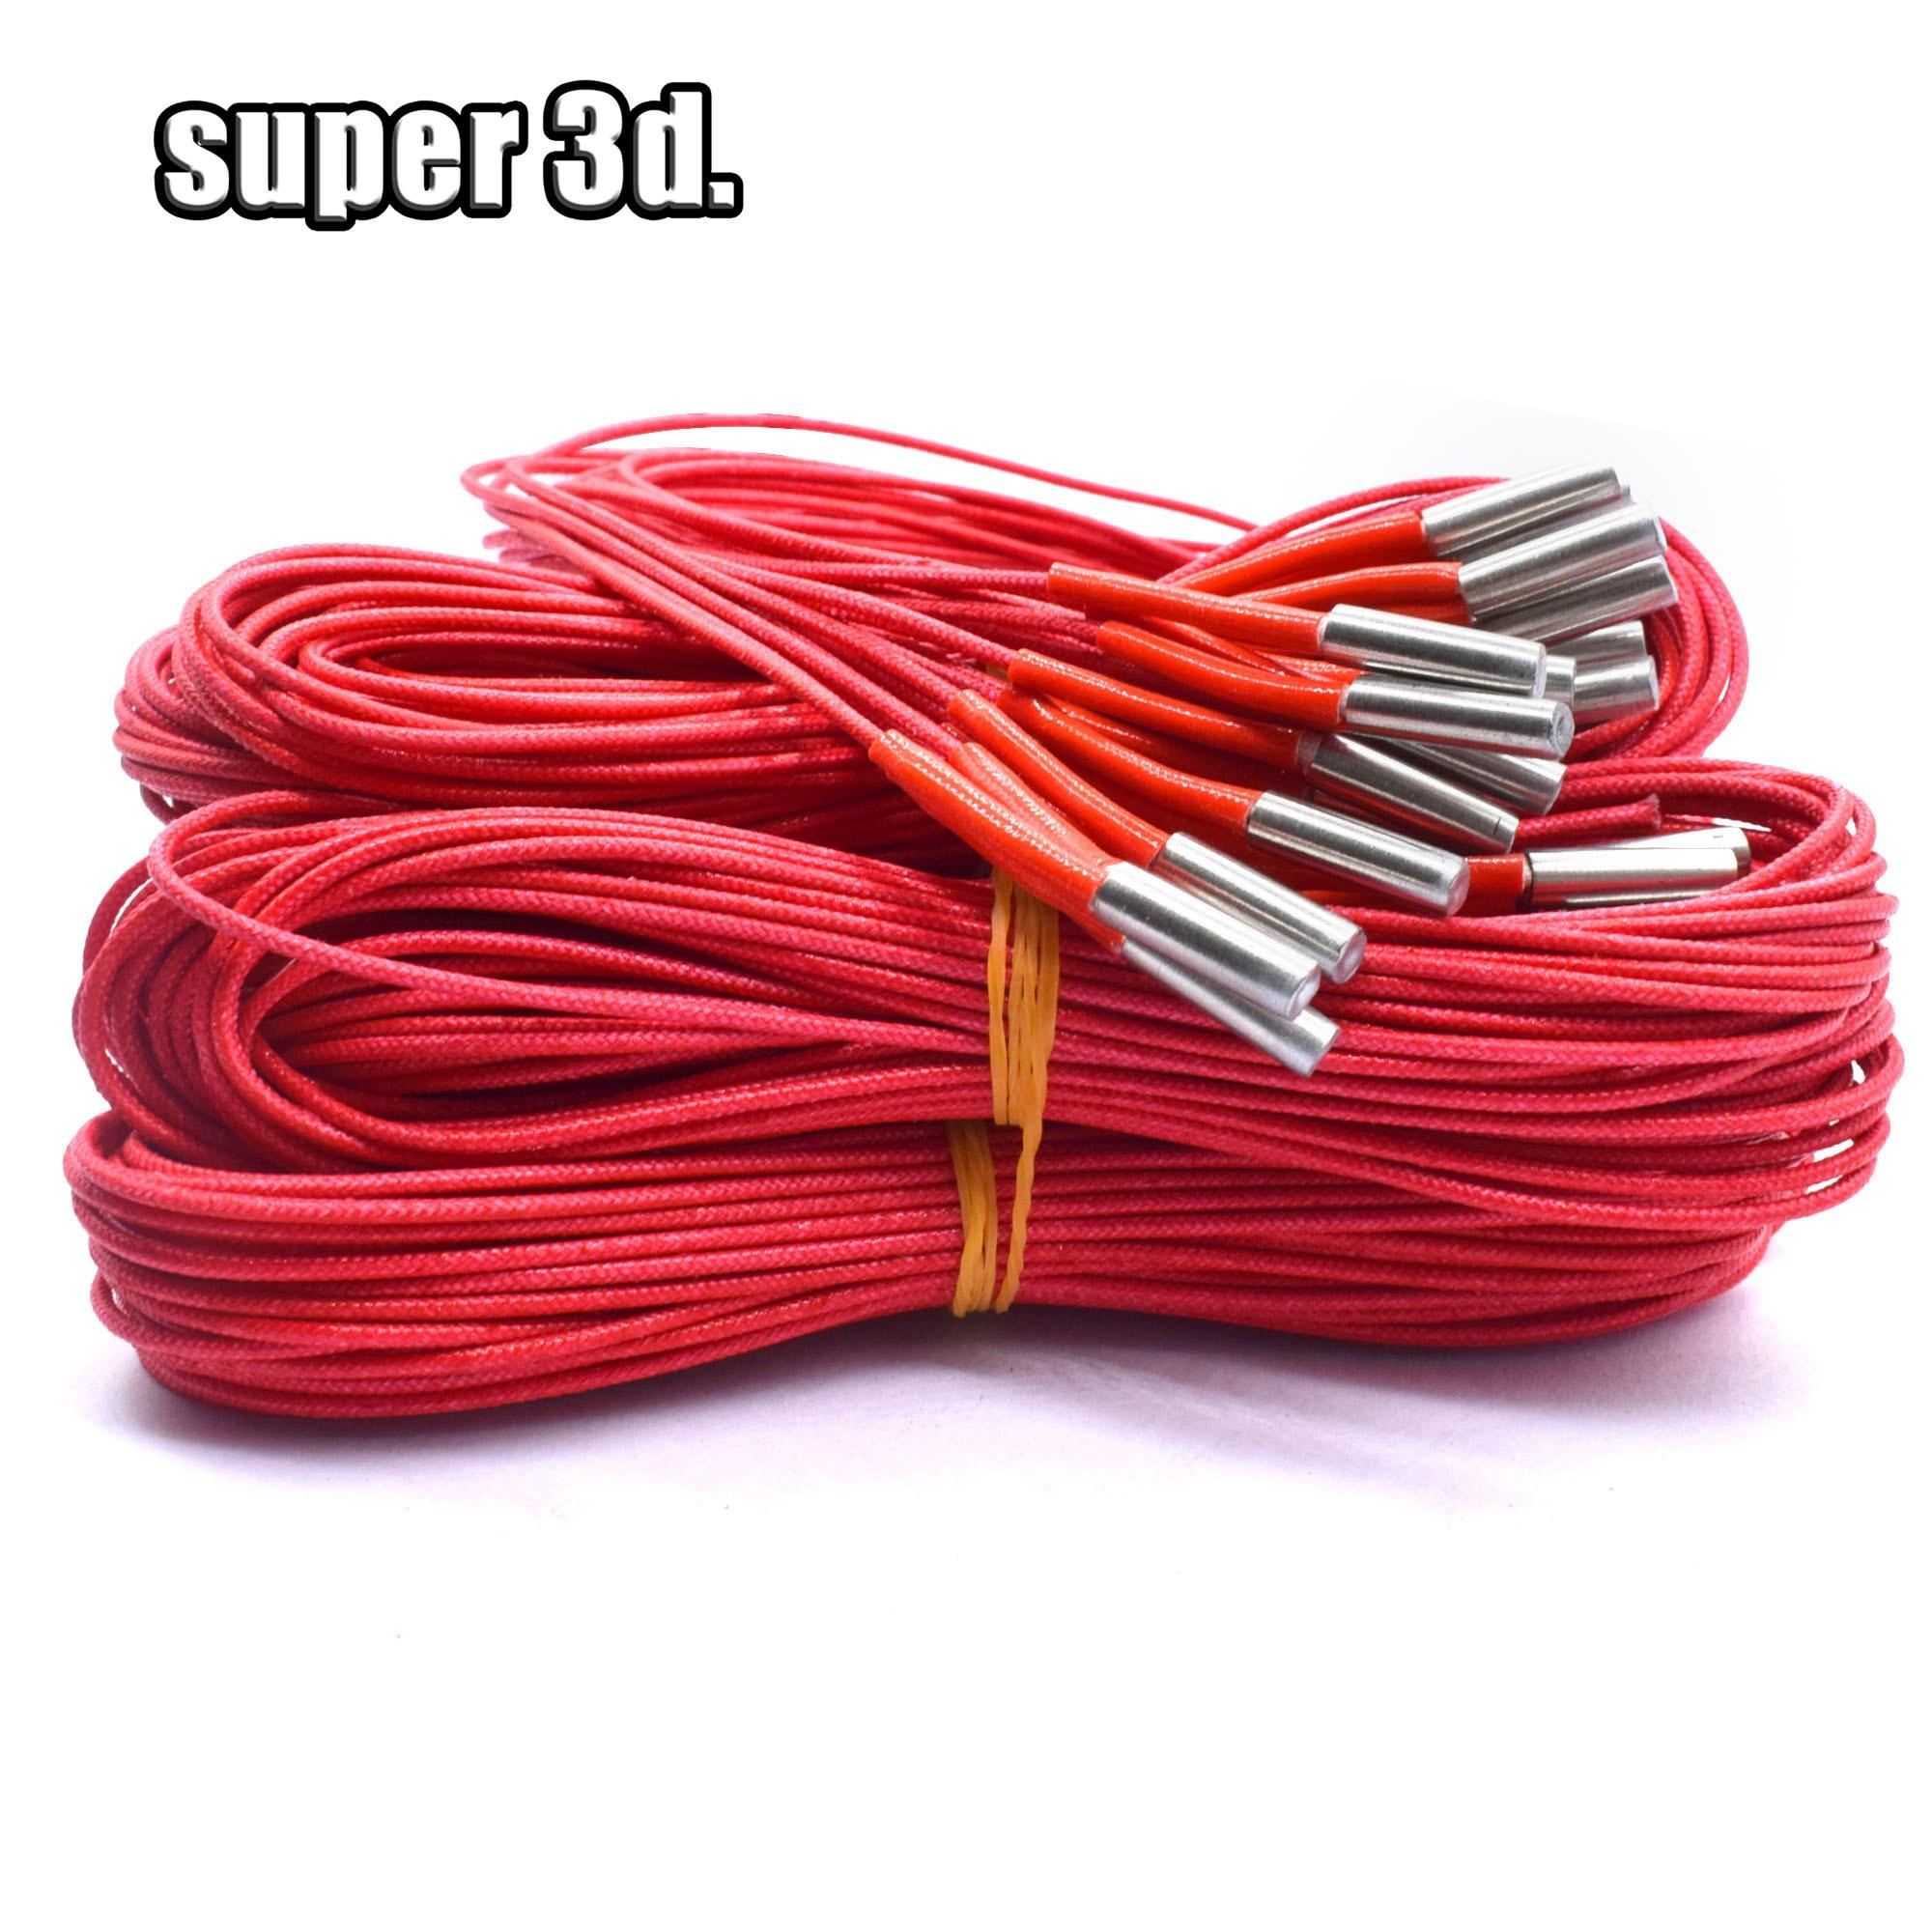 12V//24V 50W Cartridge Heater For 3D Printer Extruder Heating Tube Pipe